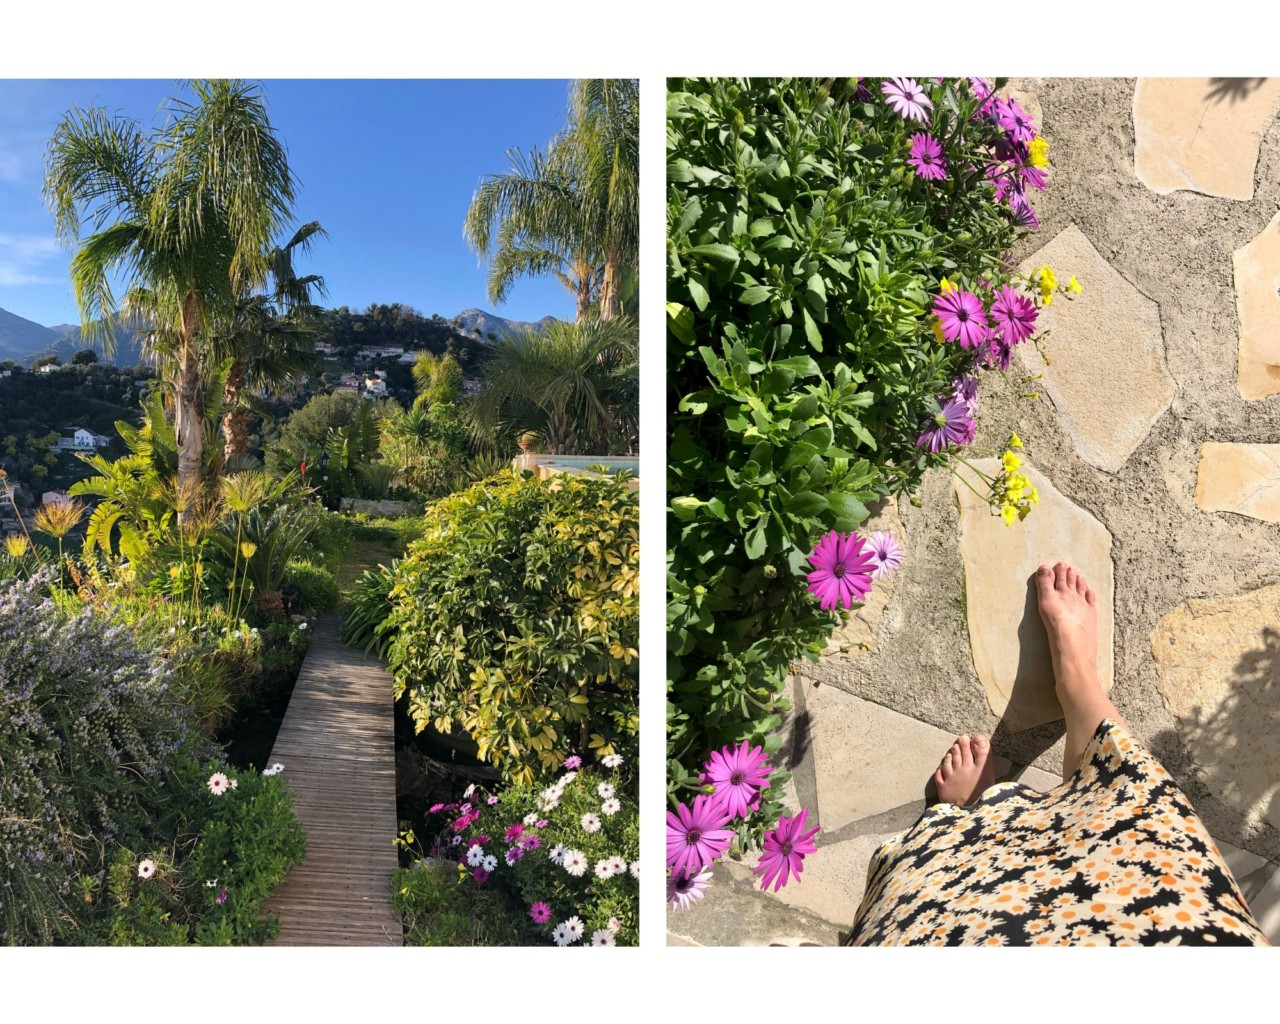 mammas-hage-menton-palmer-blomster-sol